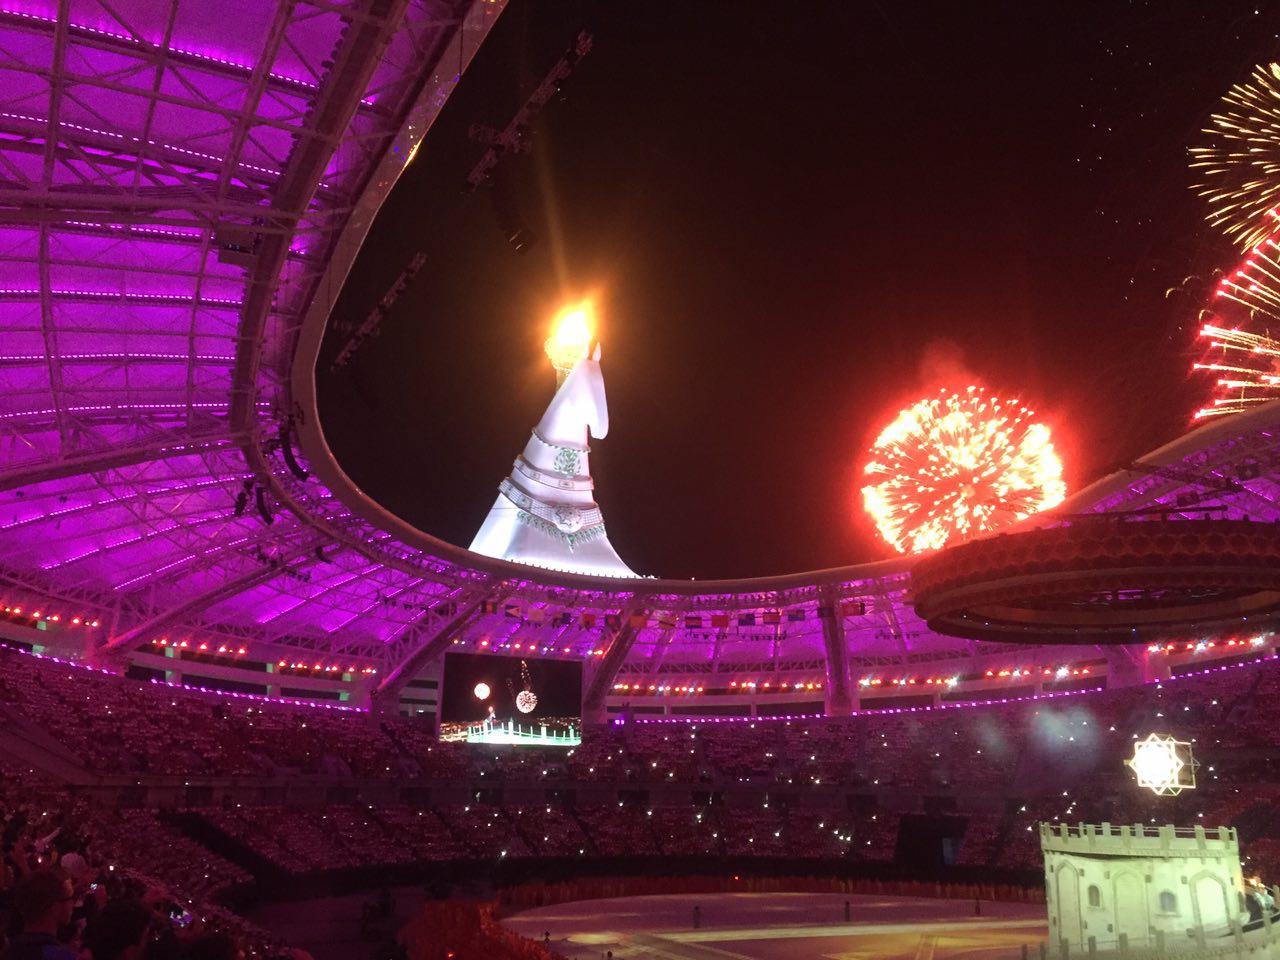 مراسم افتتاحیه بازی های آسیایی داخل سالن + تصاویر